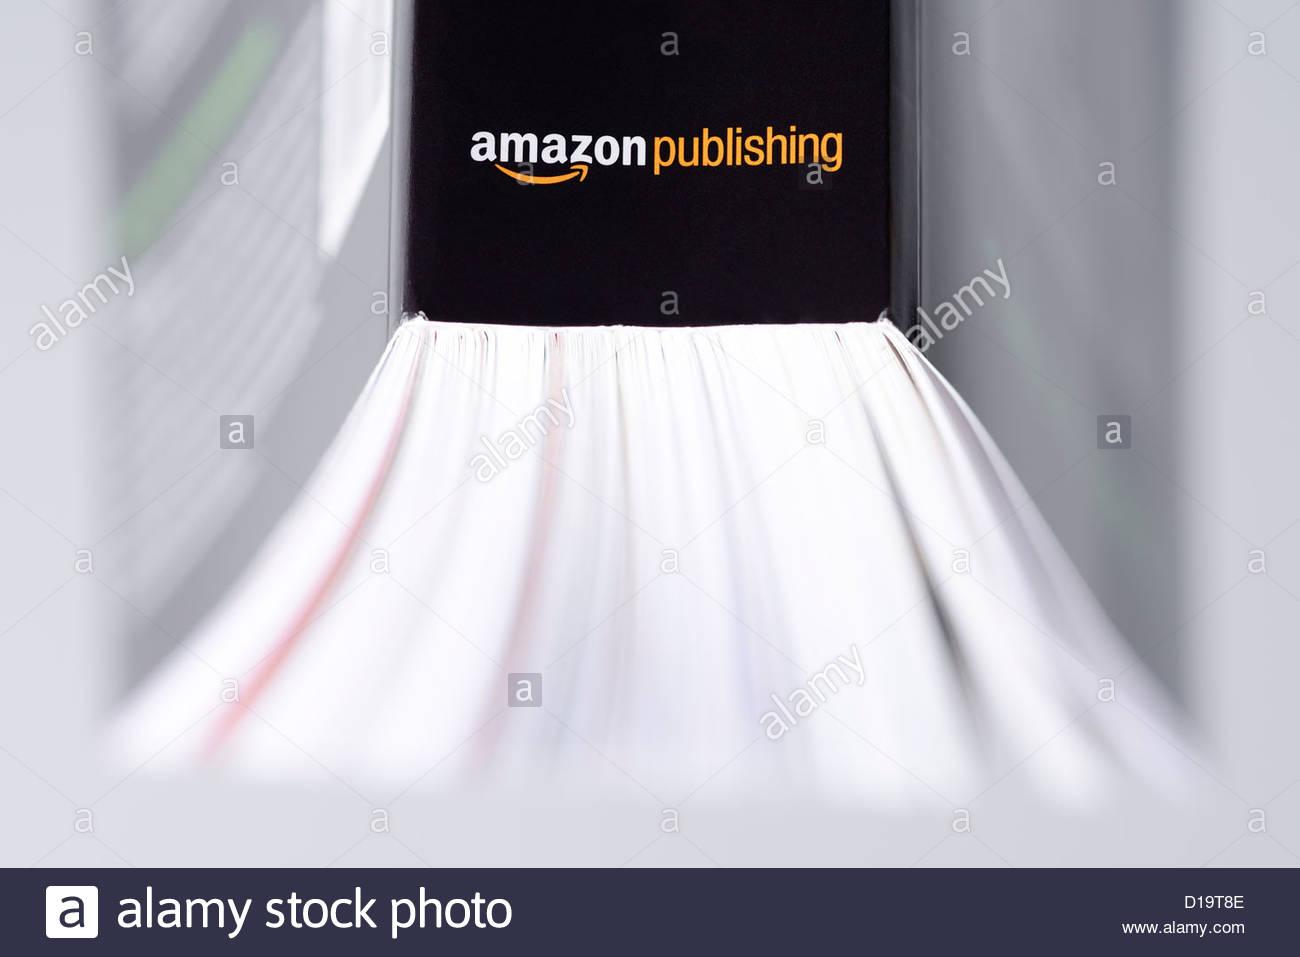 Amazon Publishing book logo - Stock Image